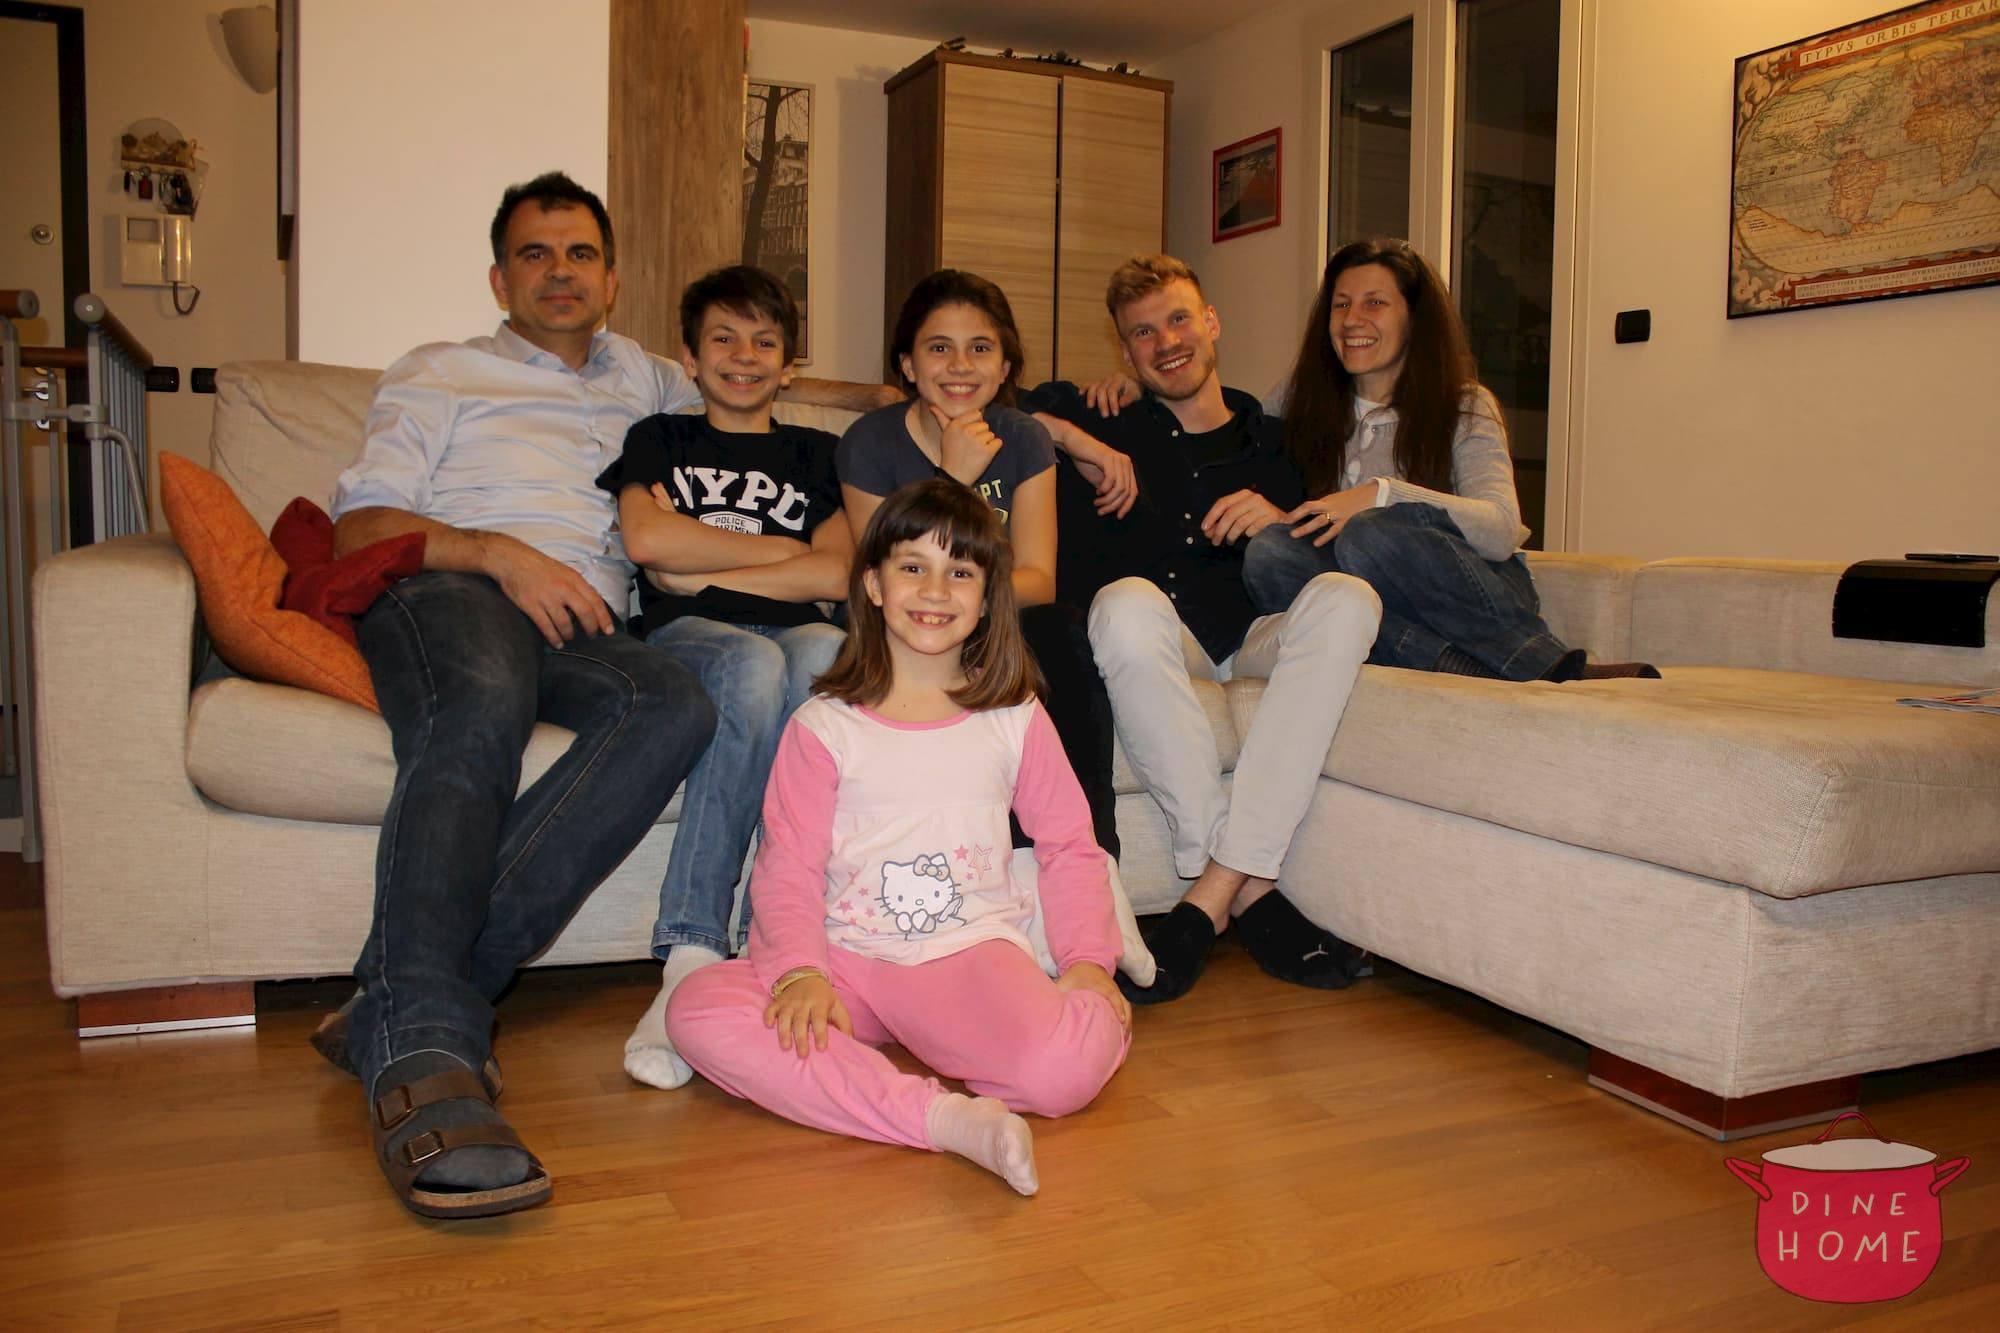 Roman, studente dalla Germania, a cena dalla sua famiglia Dinehome.